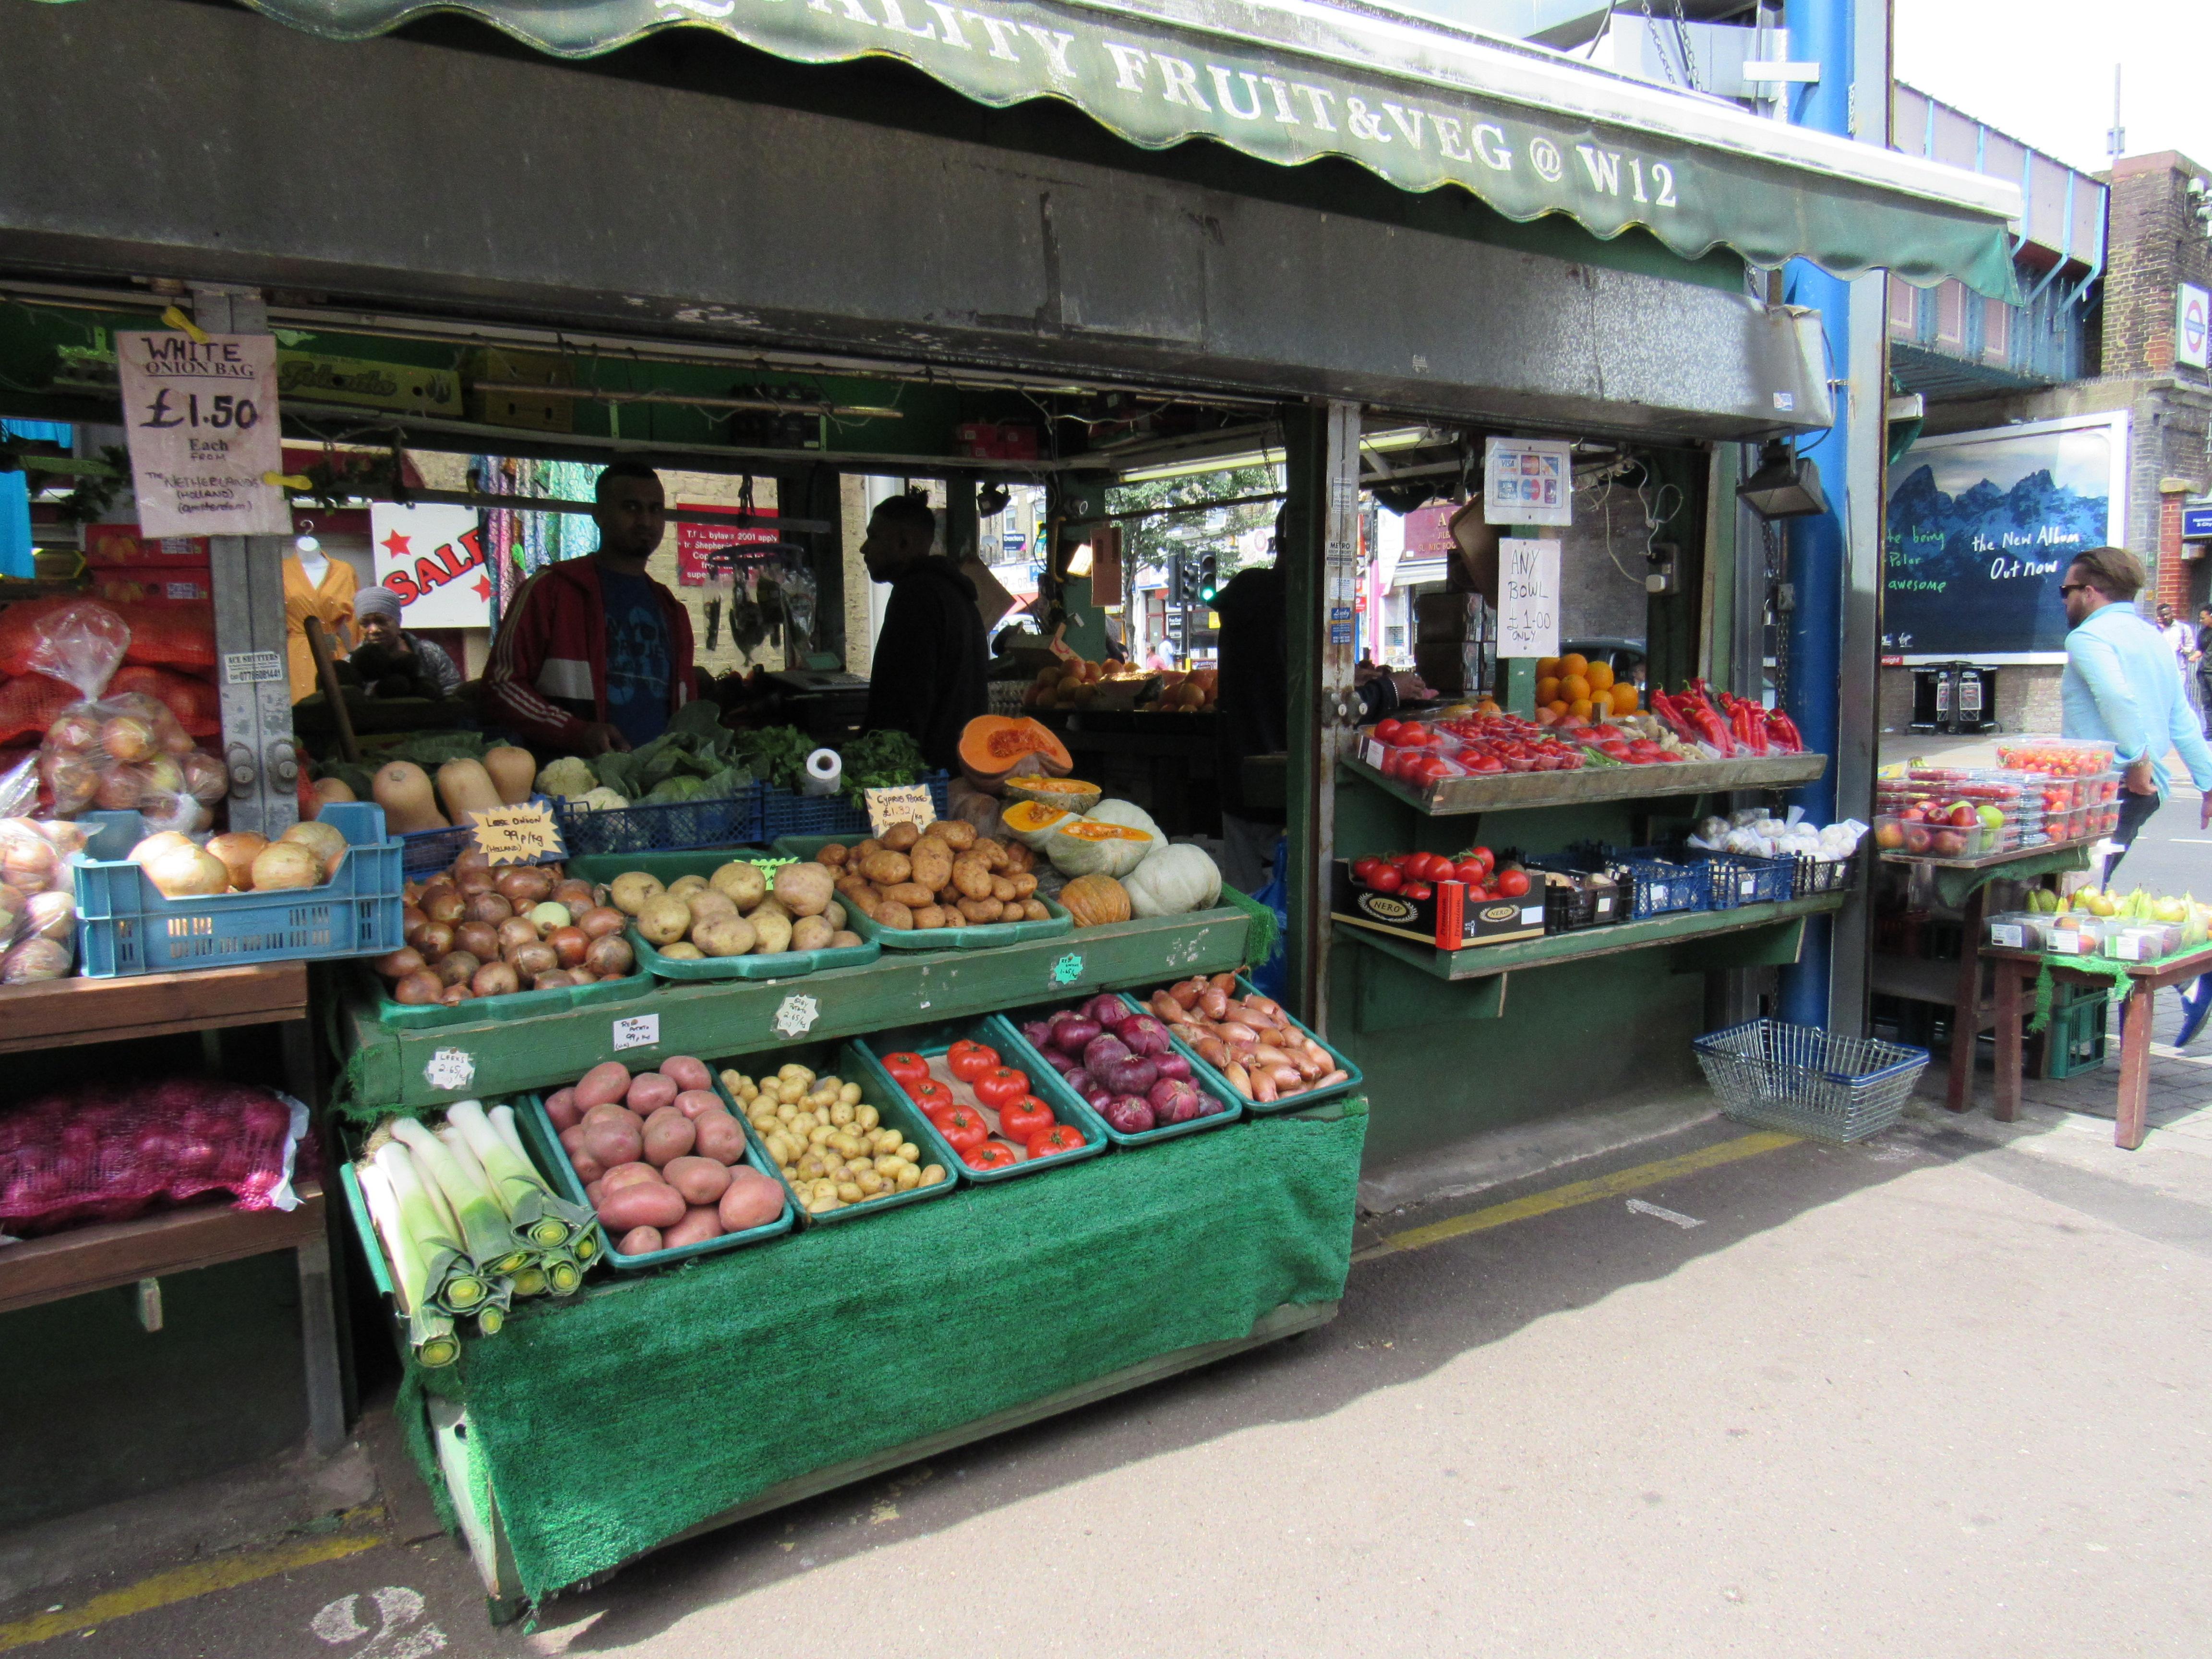 Produce Stand in Shepherd's Bush Market